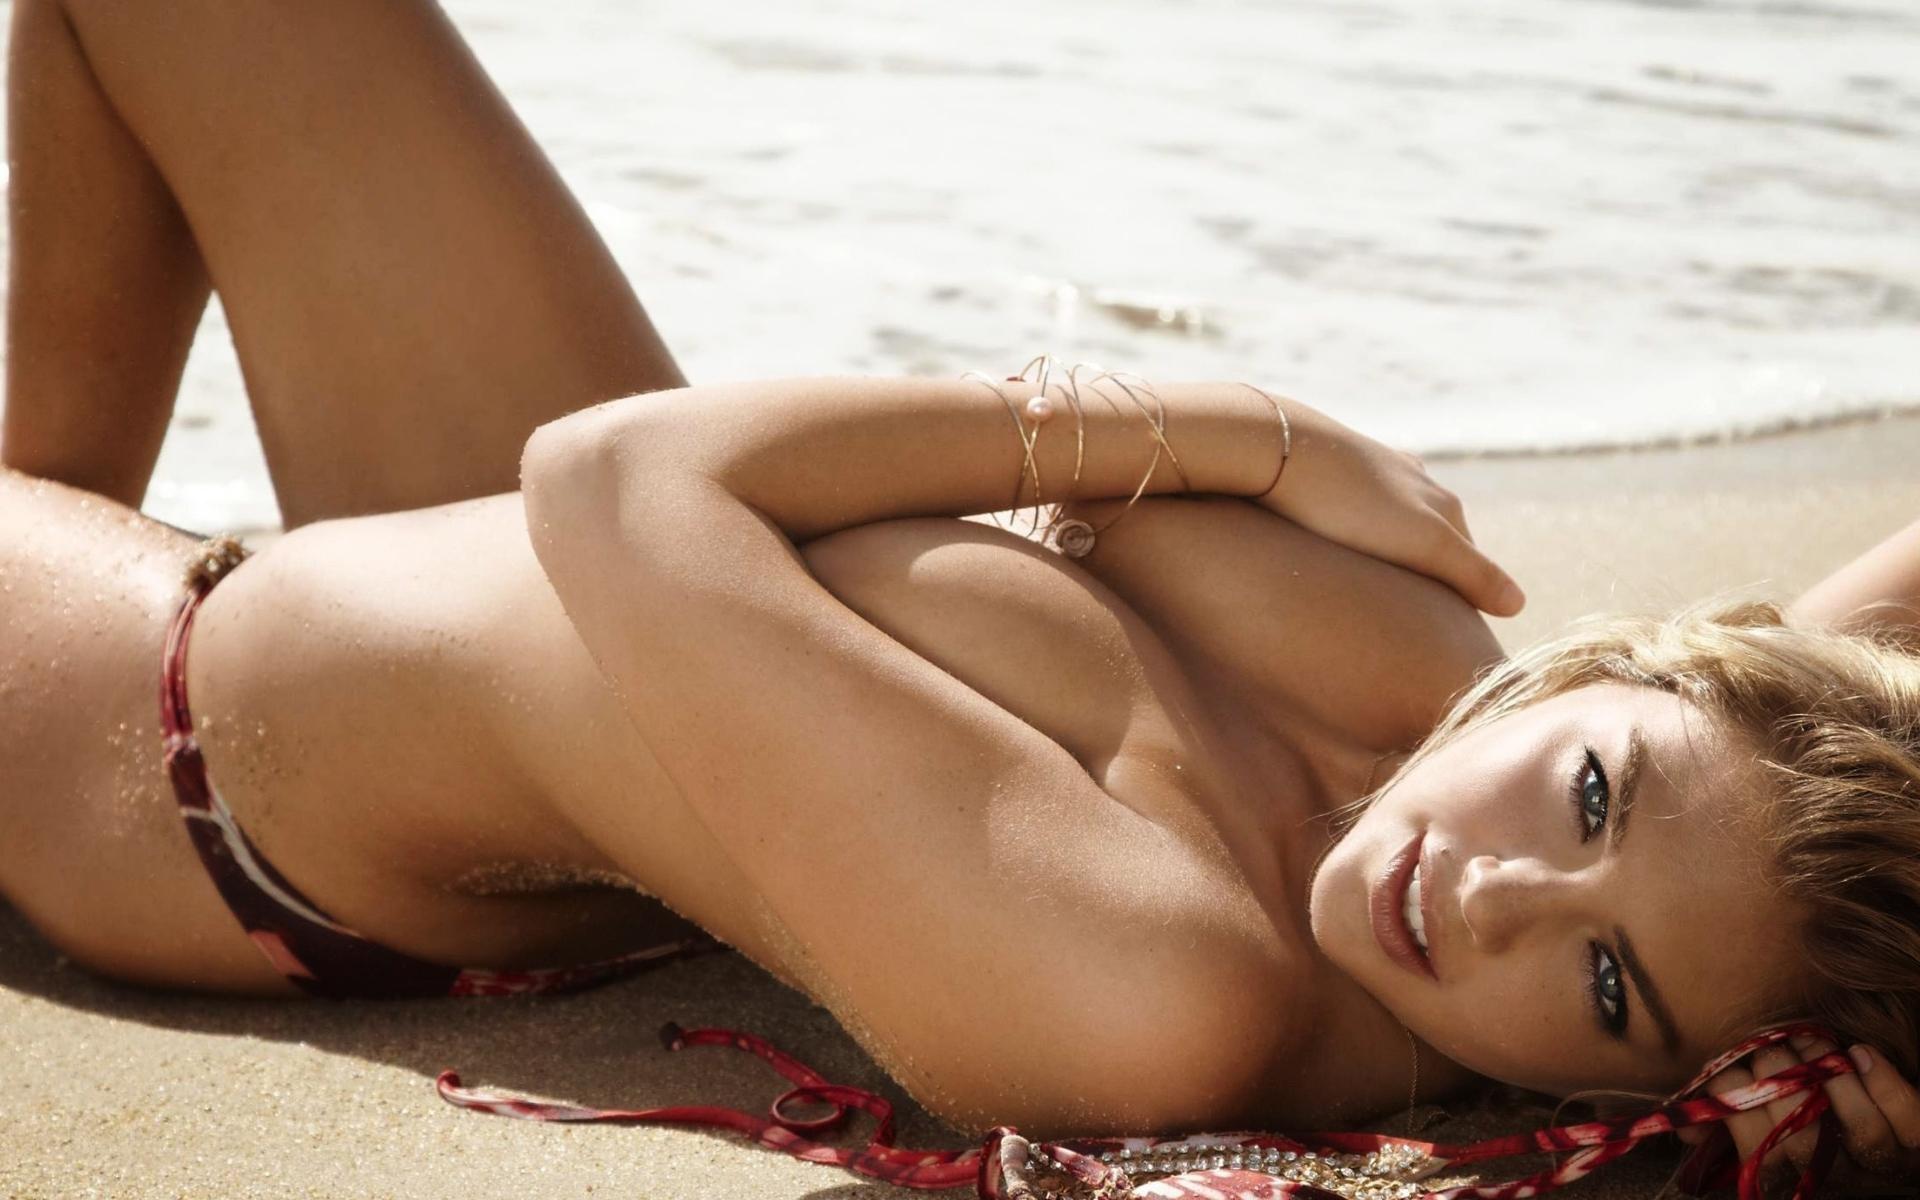 Подружка показывает парню голые сиськи на пляже  529565